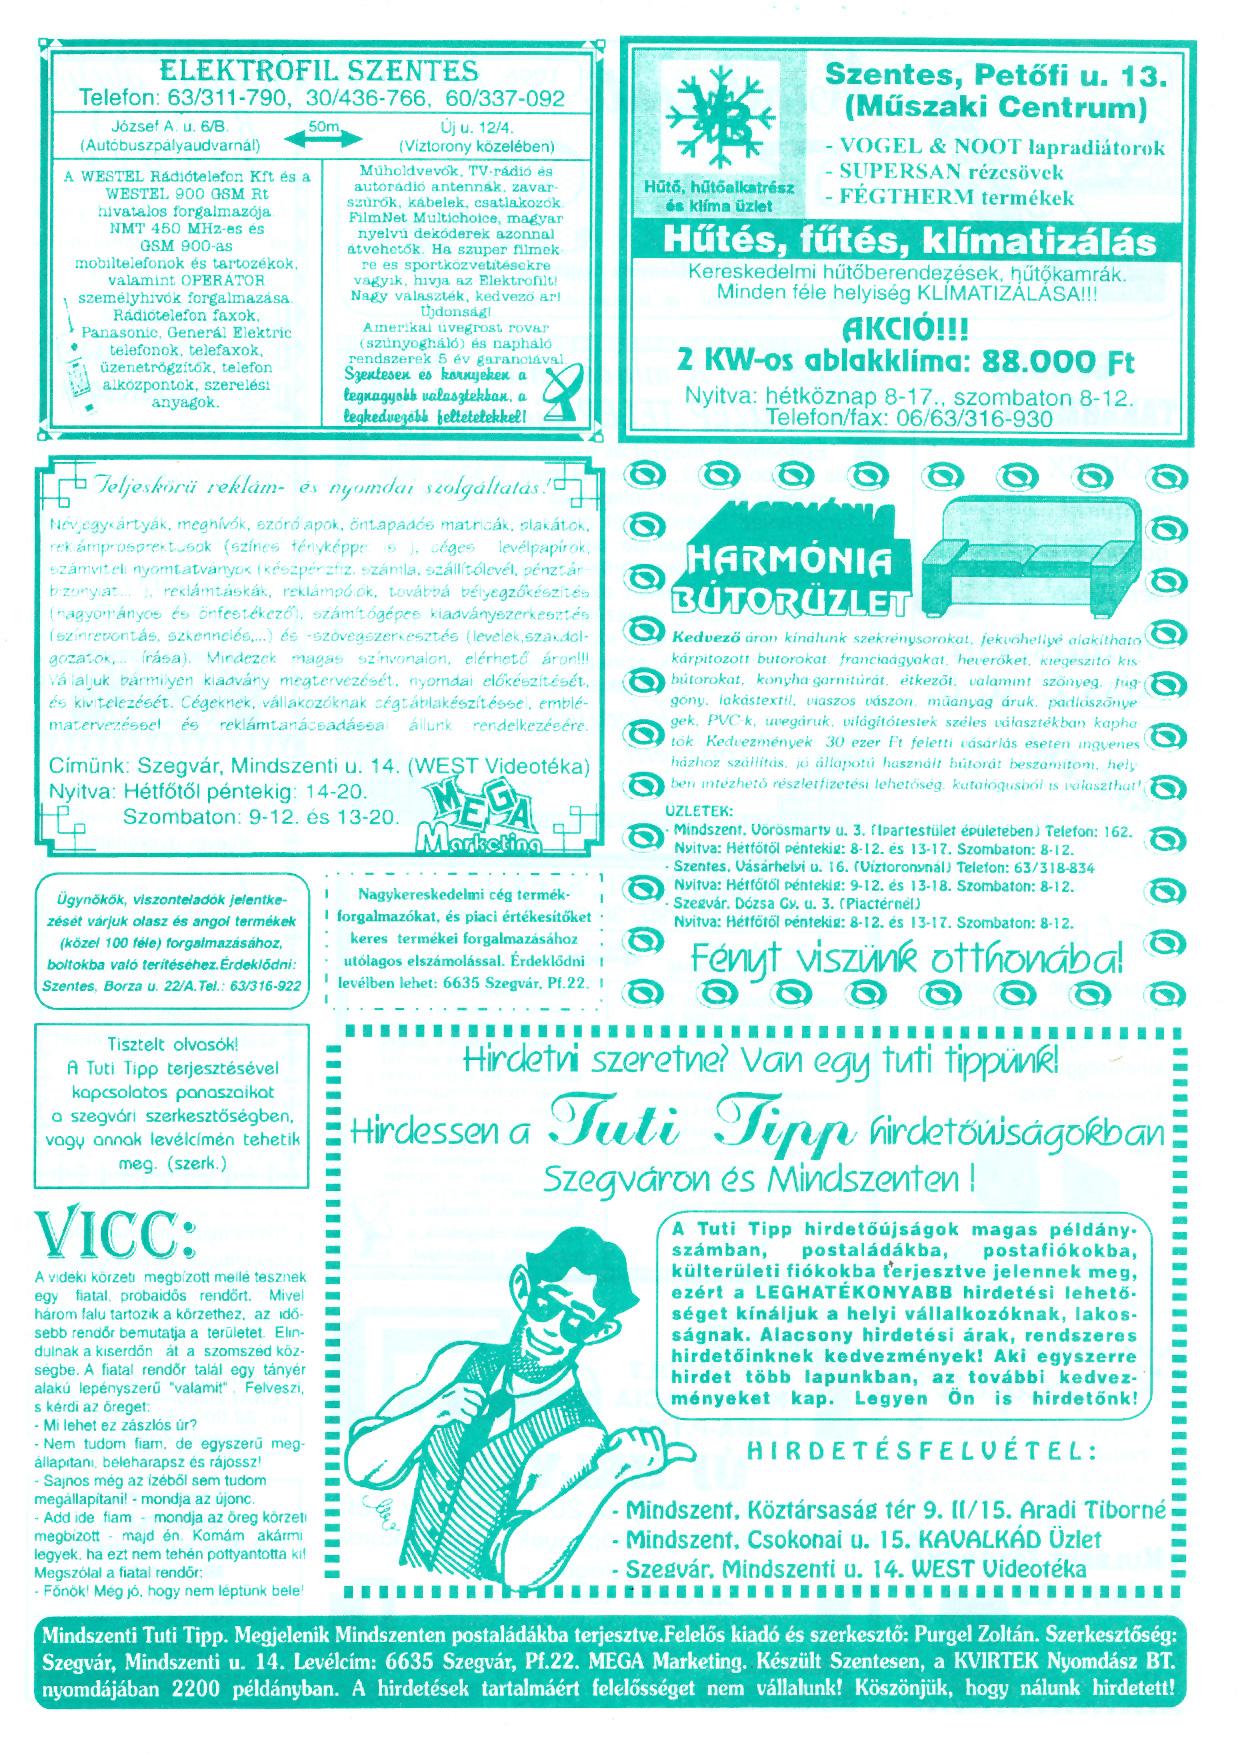 032 Mindszenti Tuti Tipp reklámújság - 19960629-002. lapszám - 2.oldal - II. évfolyam.jpg